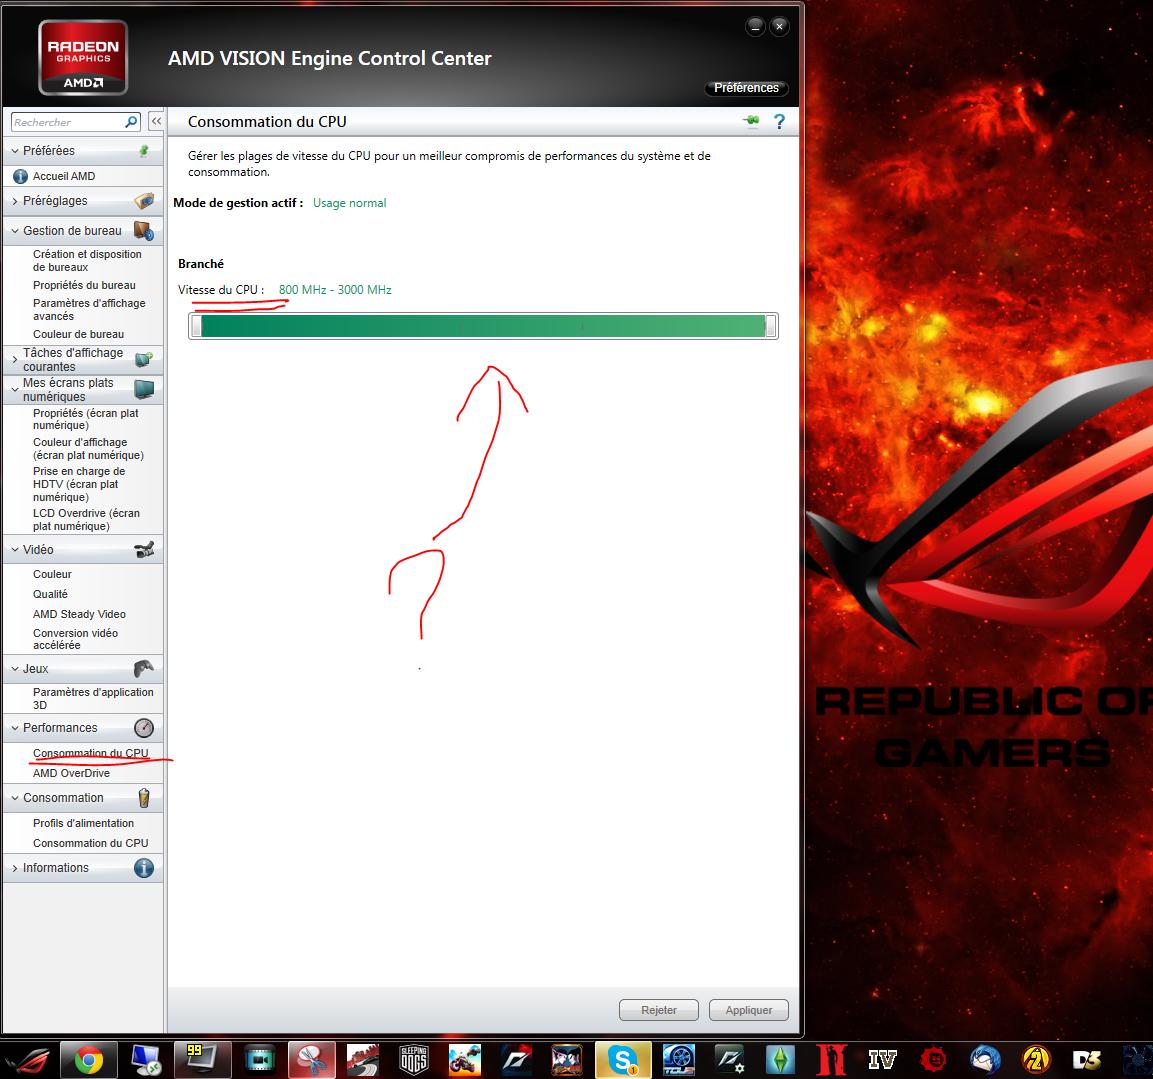 Avis AMD Vision sur le forum Matériel Informatique - 05-03-2013 14